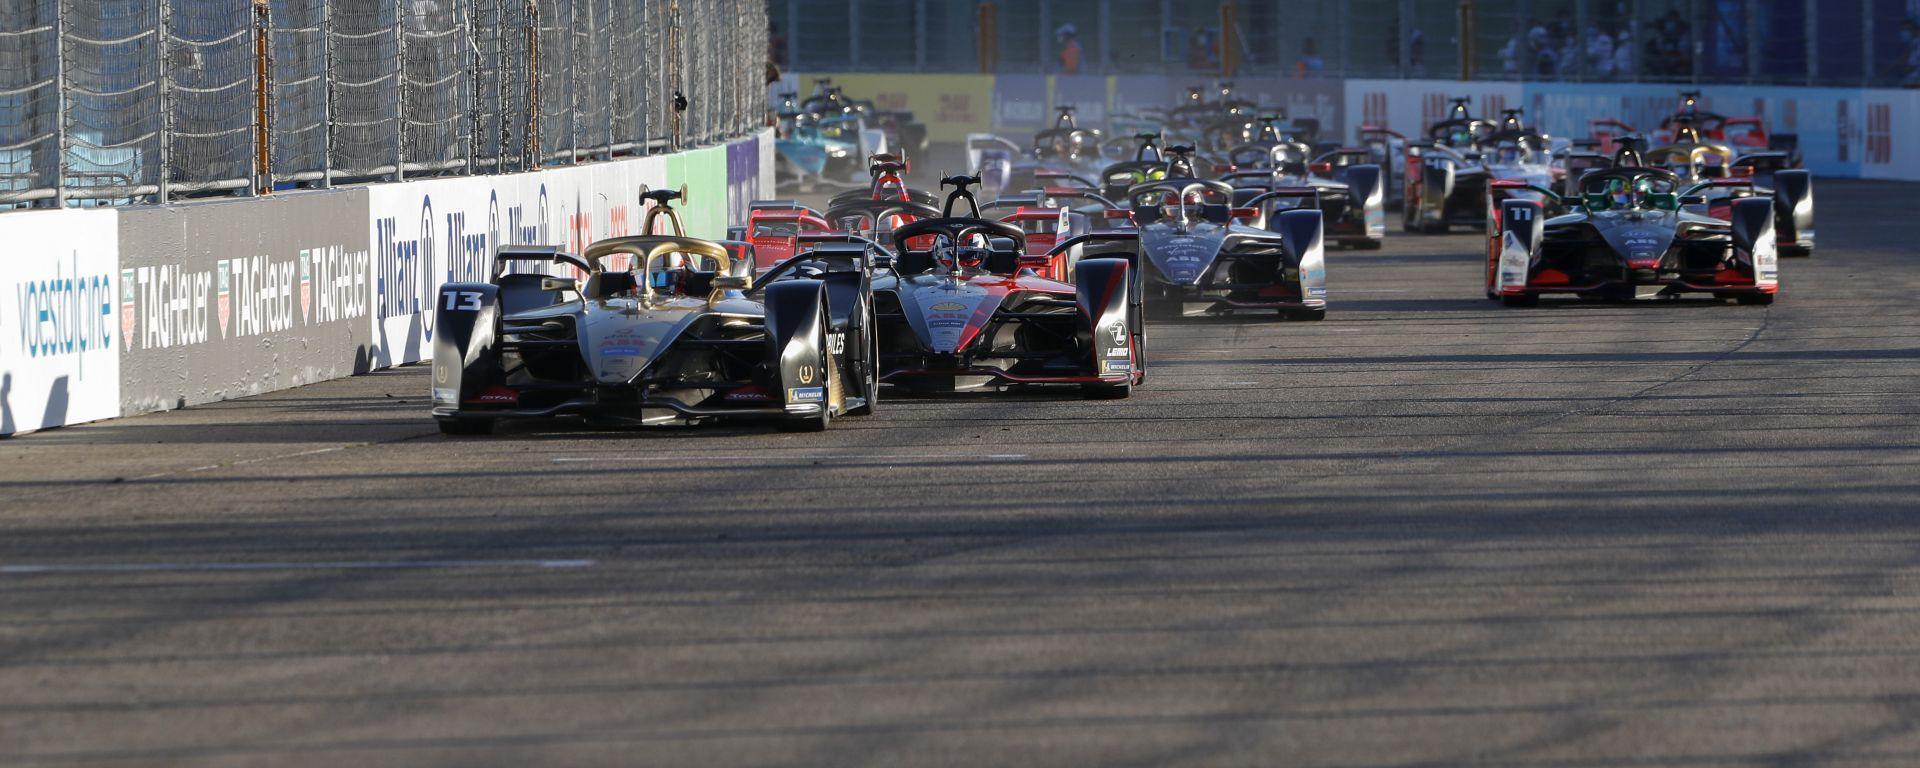 Mondiali 2021 Calendario Gruppo H Formula E, primi rinvii al calendario 2021 per Covid   MotorBox